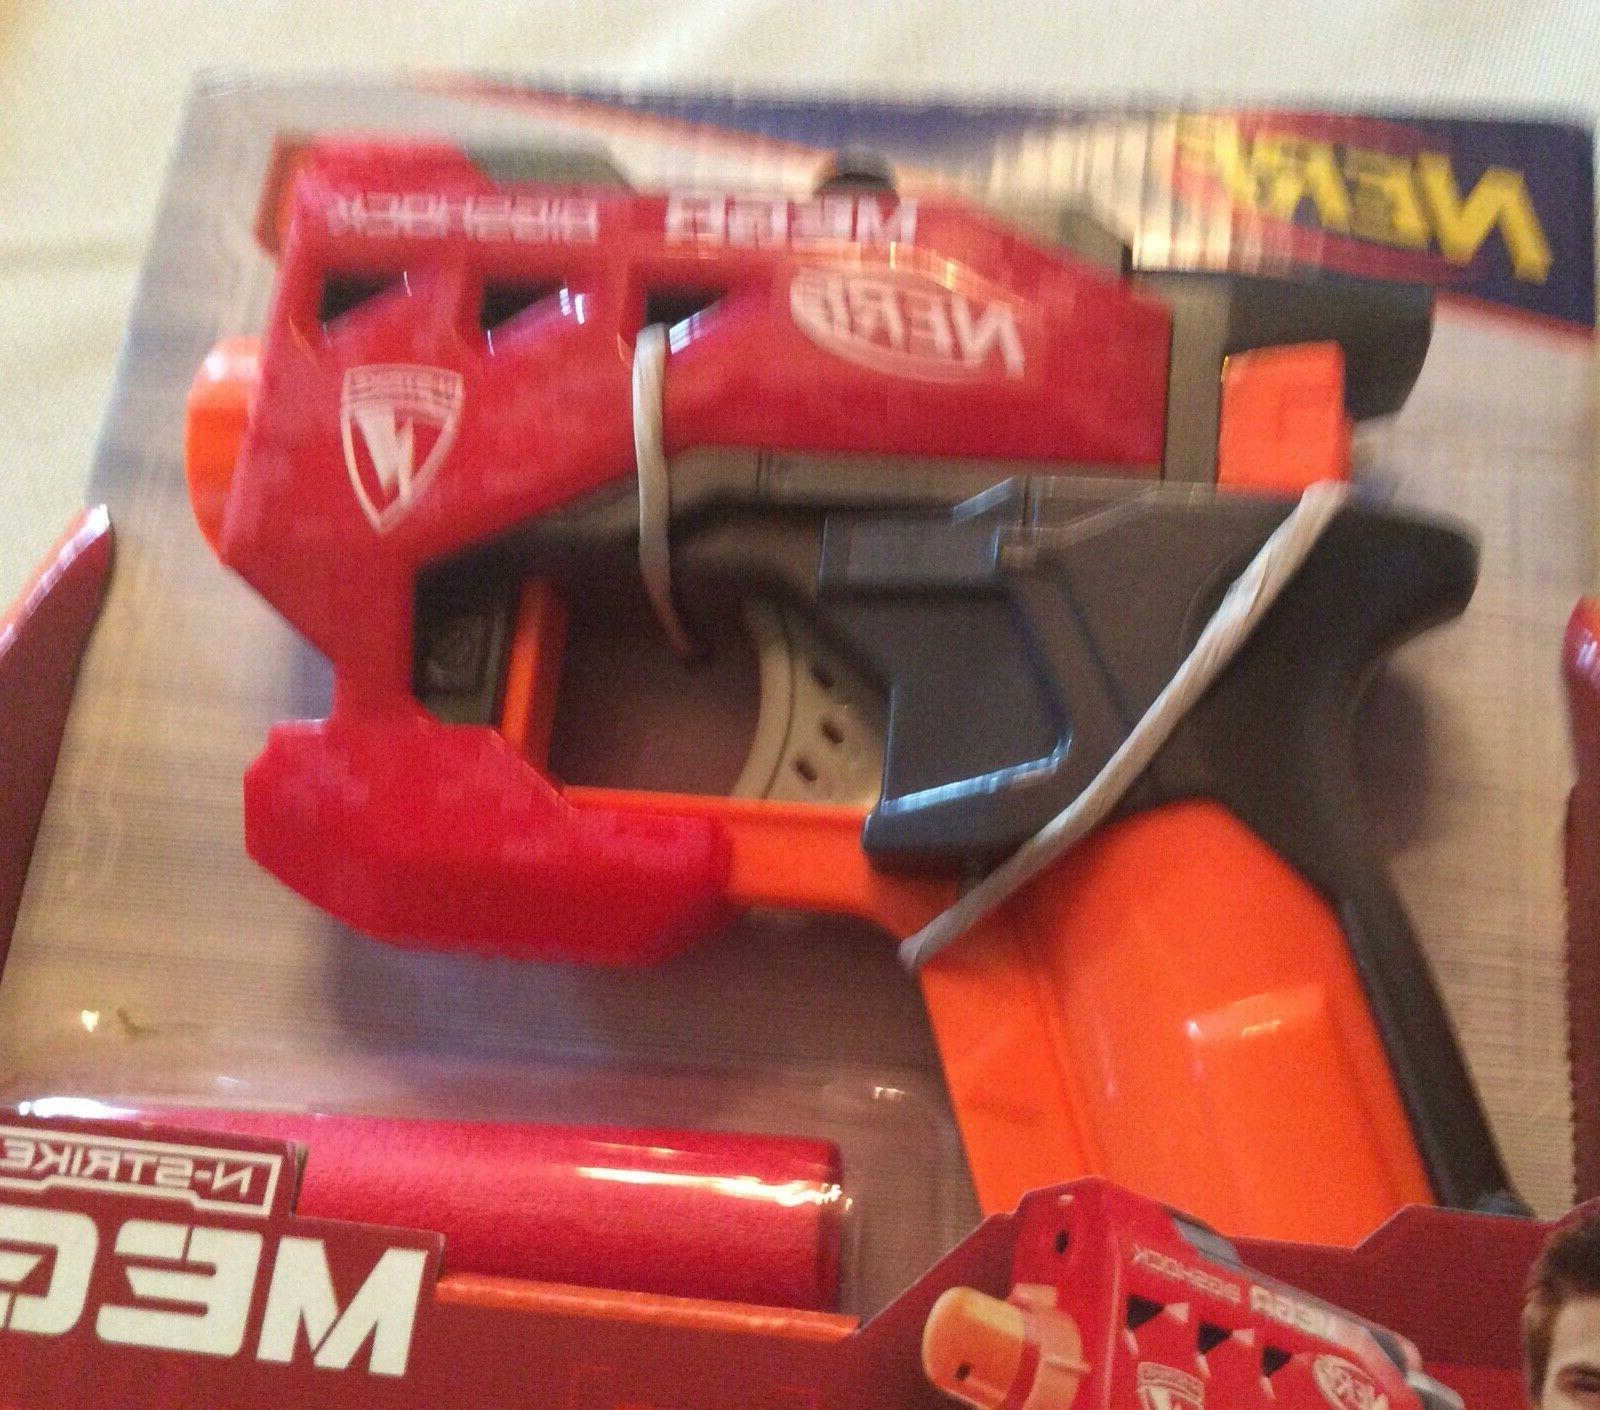 Nerf Blaster Pistol